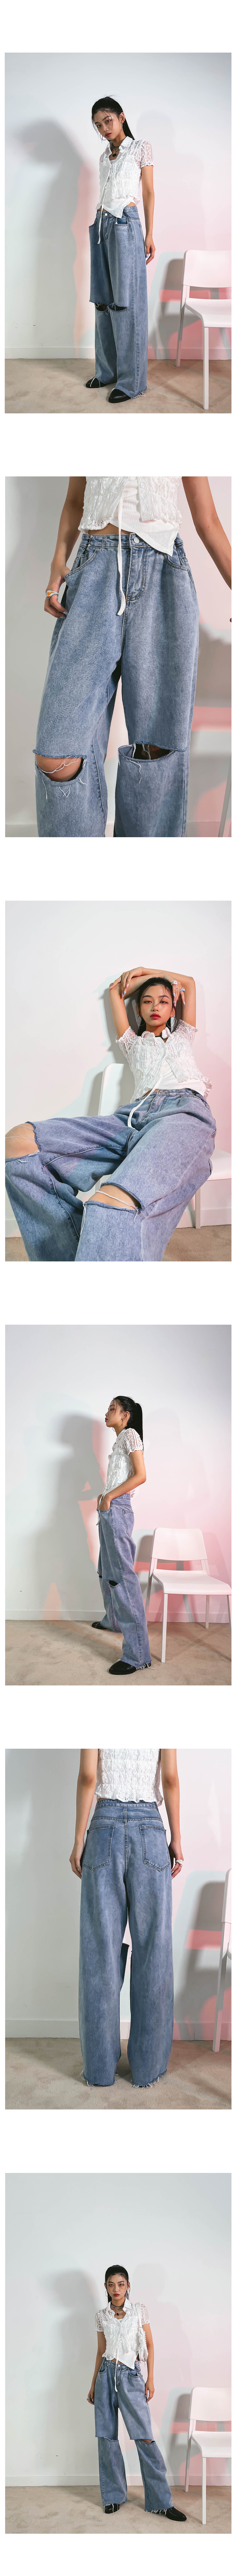 Hookwide Main Denim Pants